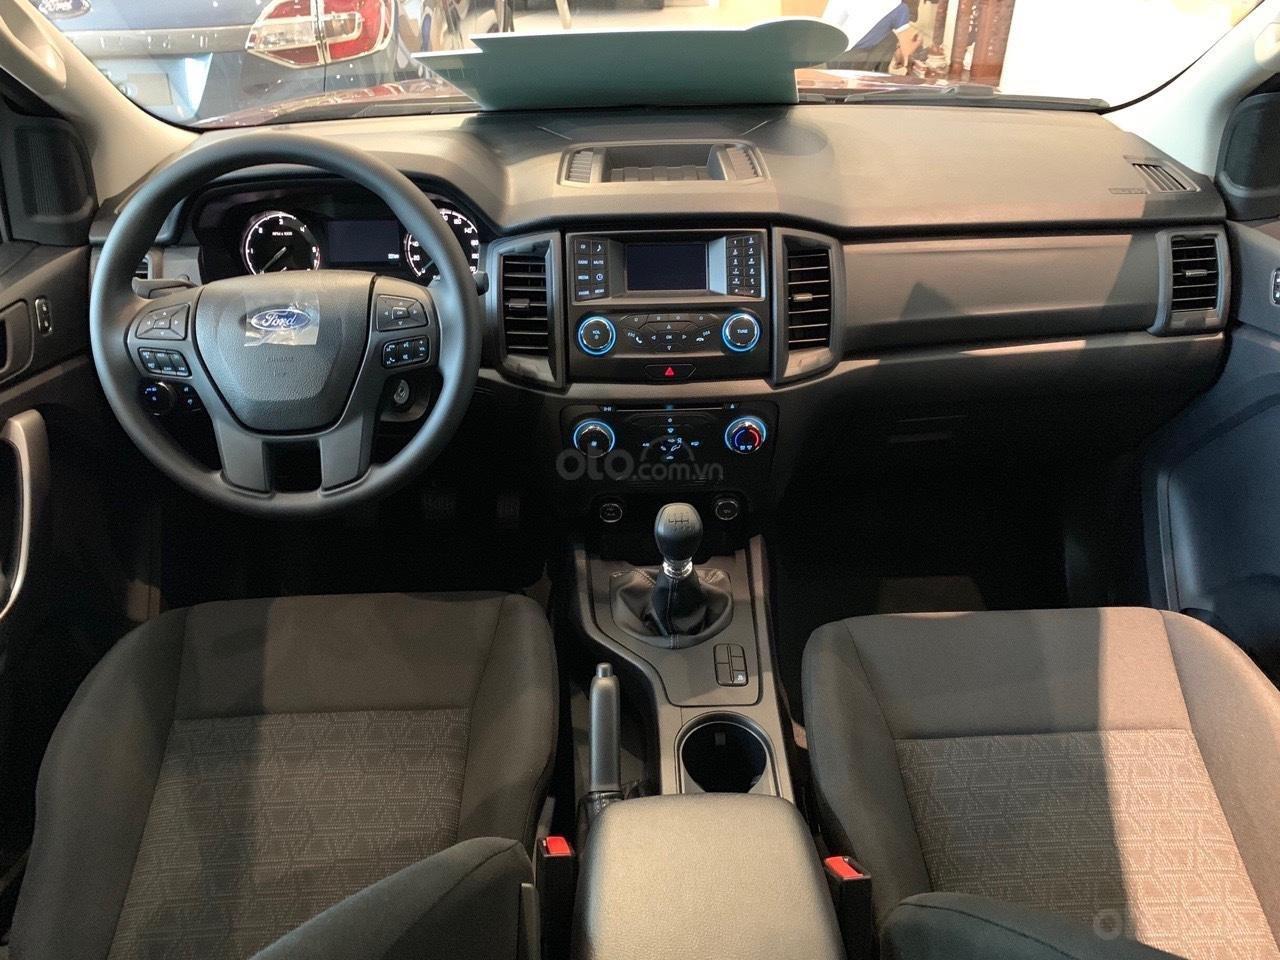 Ford Ranger XLS khuyến mãi lớn trong tháng và tặng phụ kiện (6)